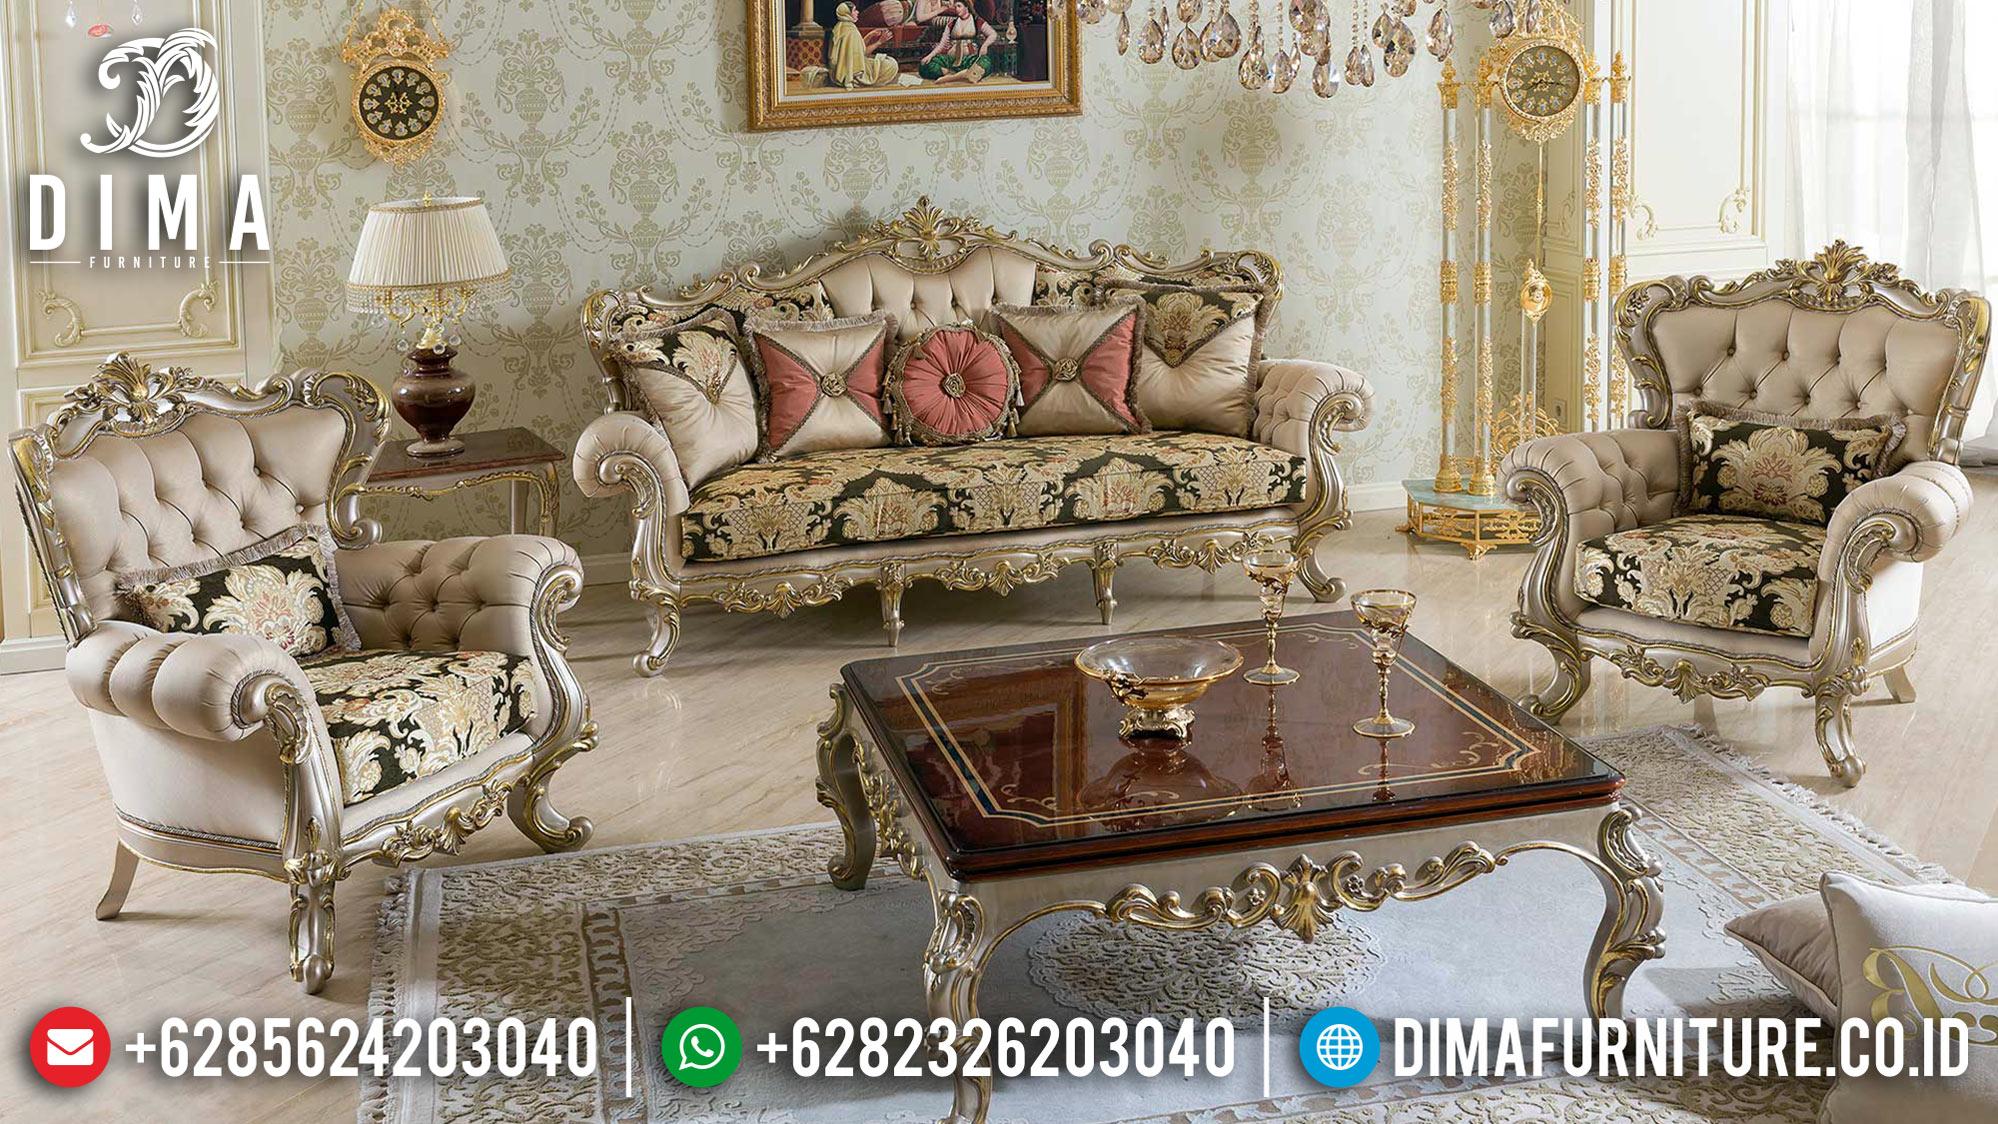 New Sofa Tamu Mewah Caroline Ukiran Classic Khas Jepara BT-0447